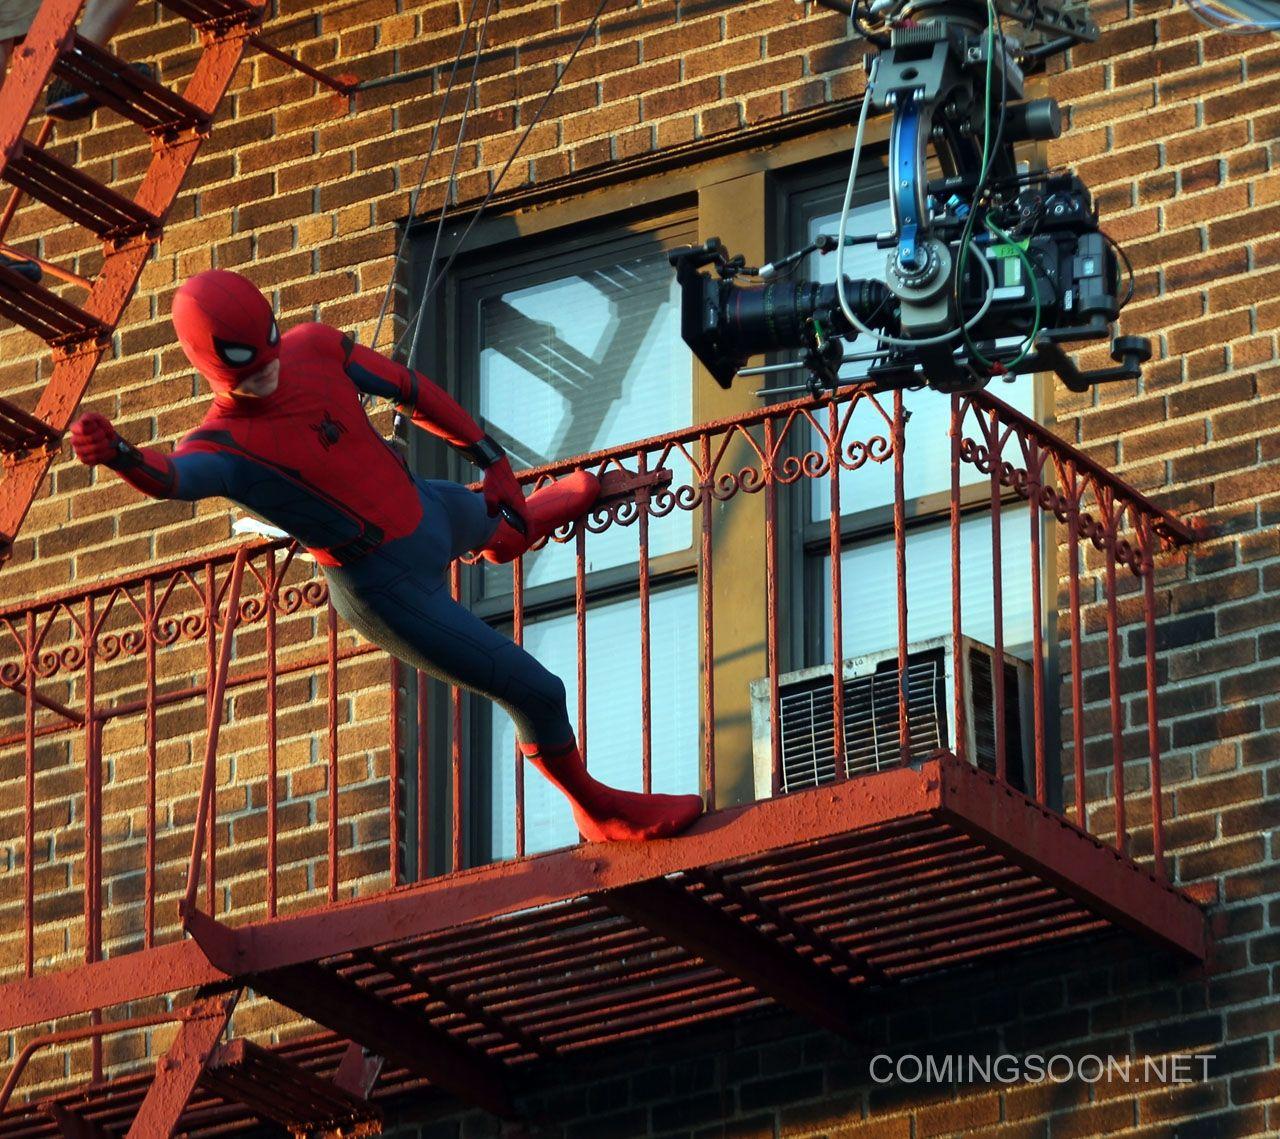 агентства новые фото со съемок человек паук возвращение логика может